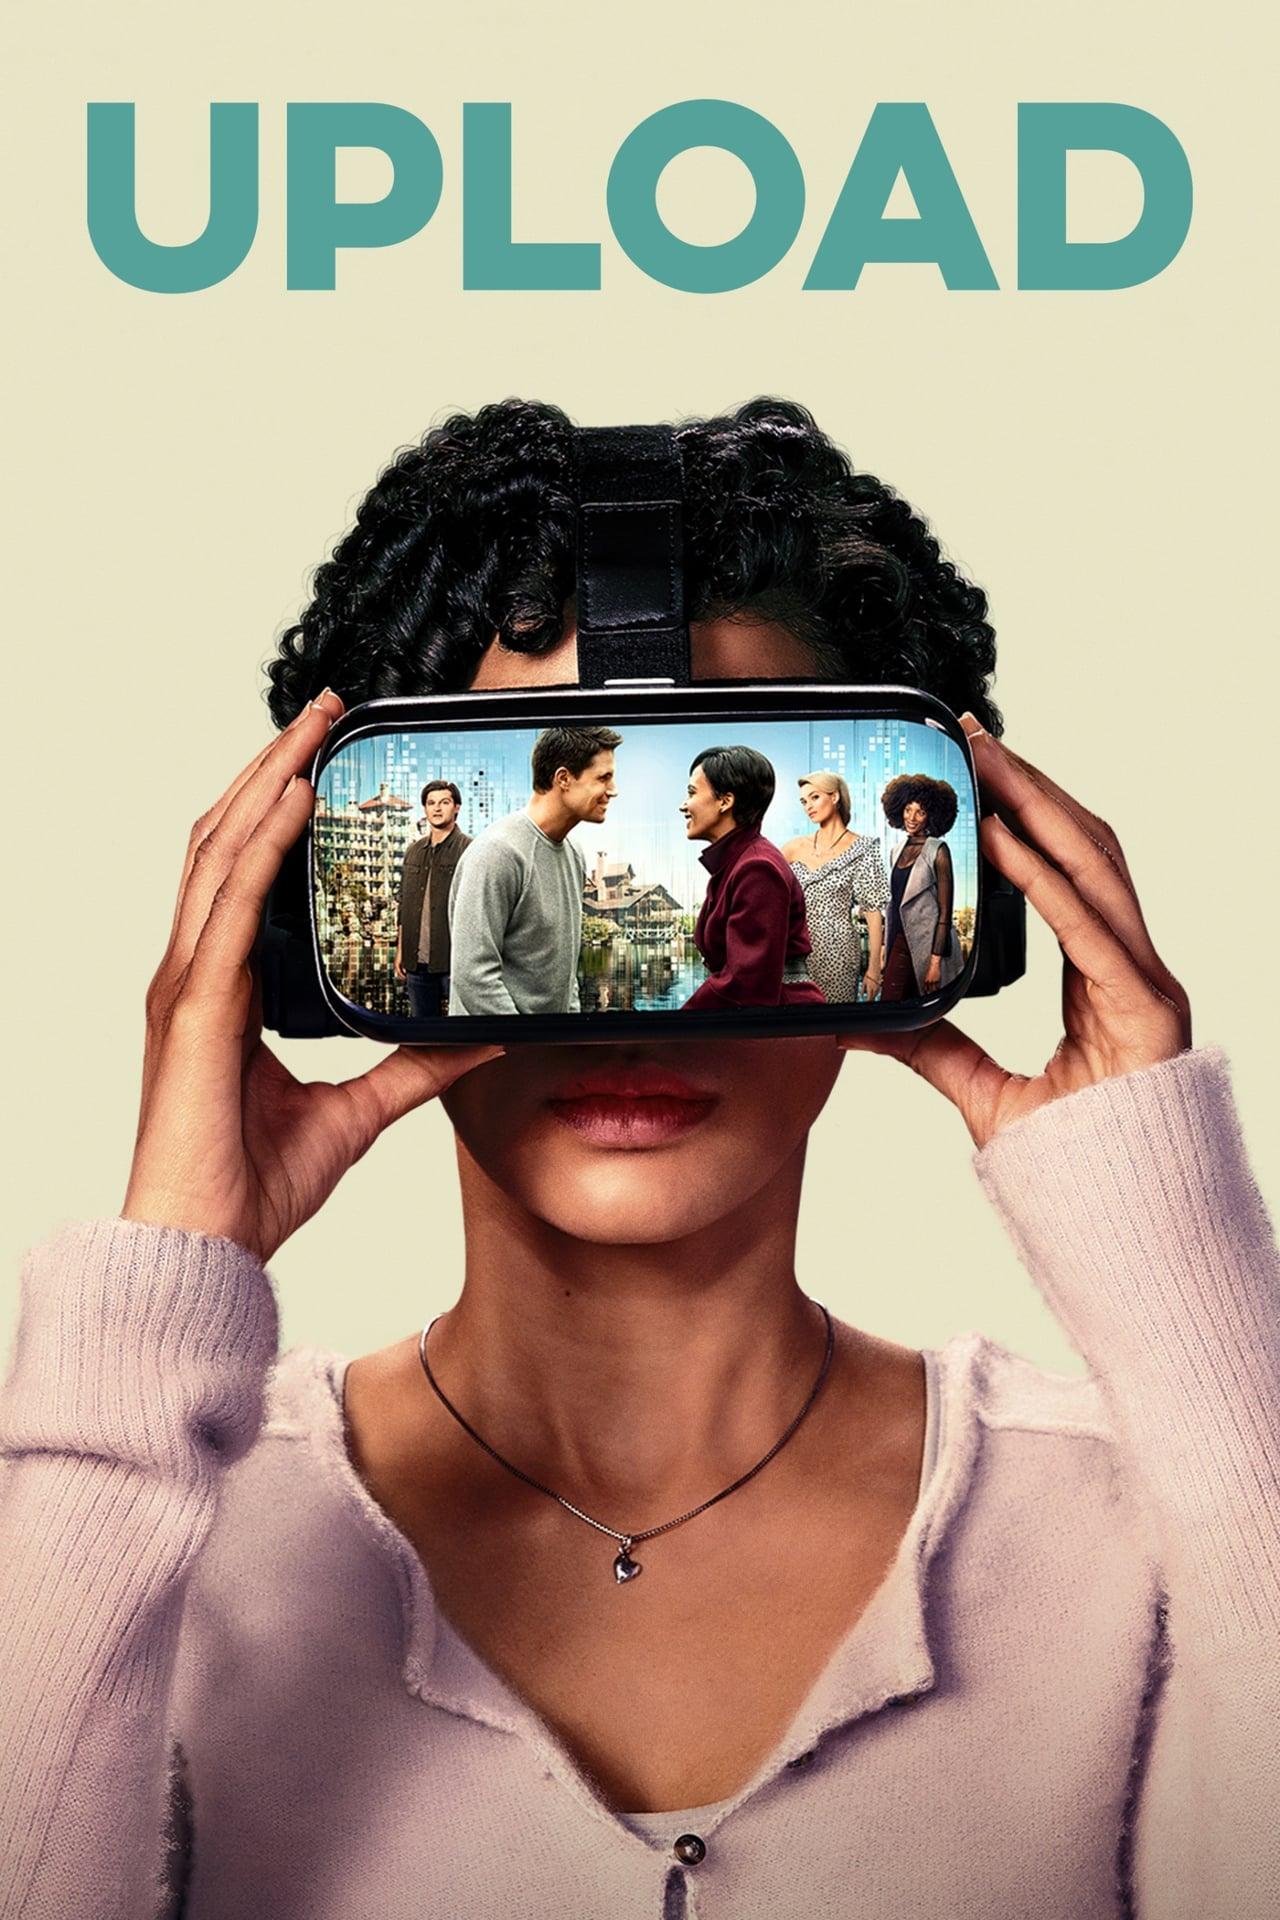 watch serie Upload Season 1 online free